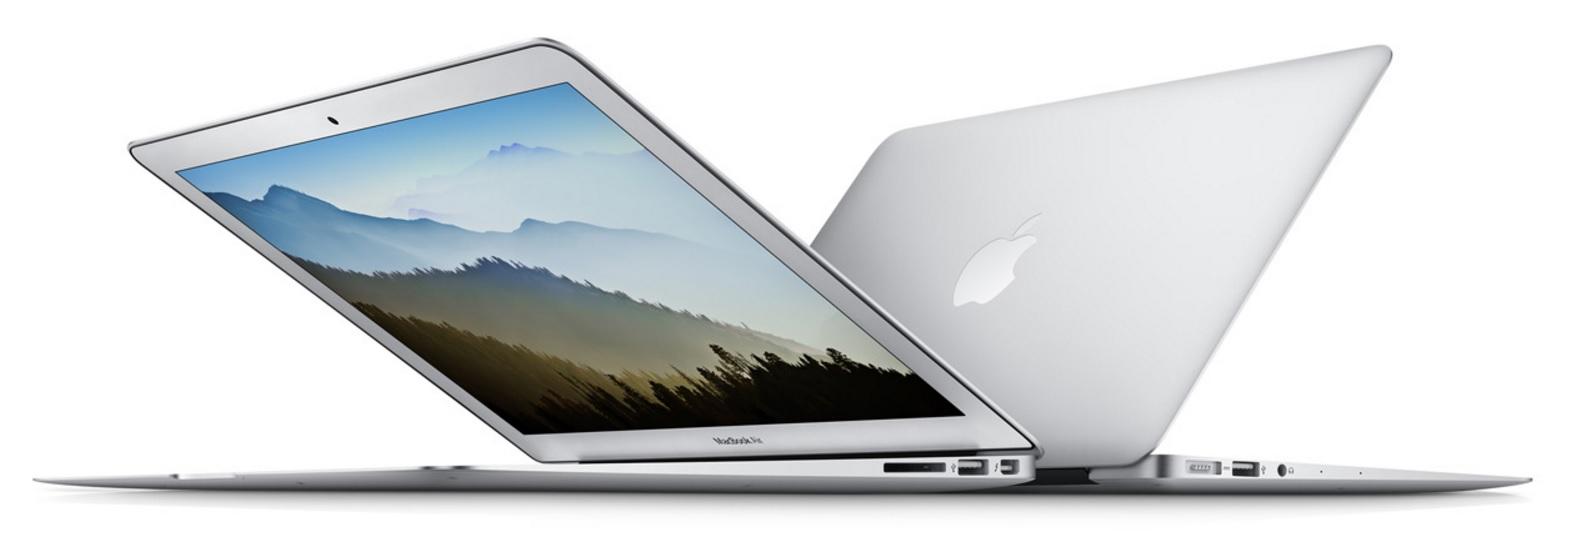 MacBook Air-serien til Apple har vært veldig populære, spesielt etter at de falt i pris etter lanseringen av den første modellen i januar 2008.